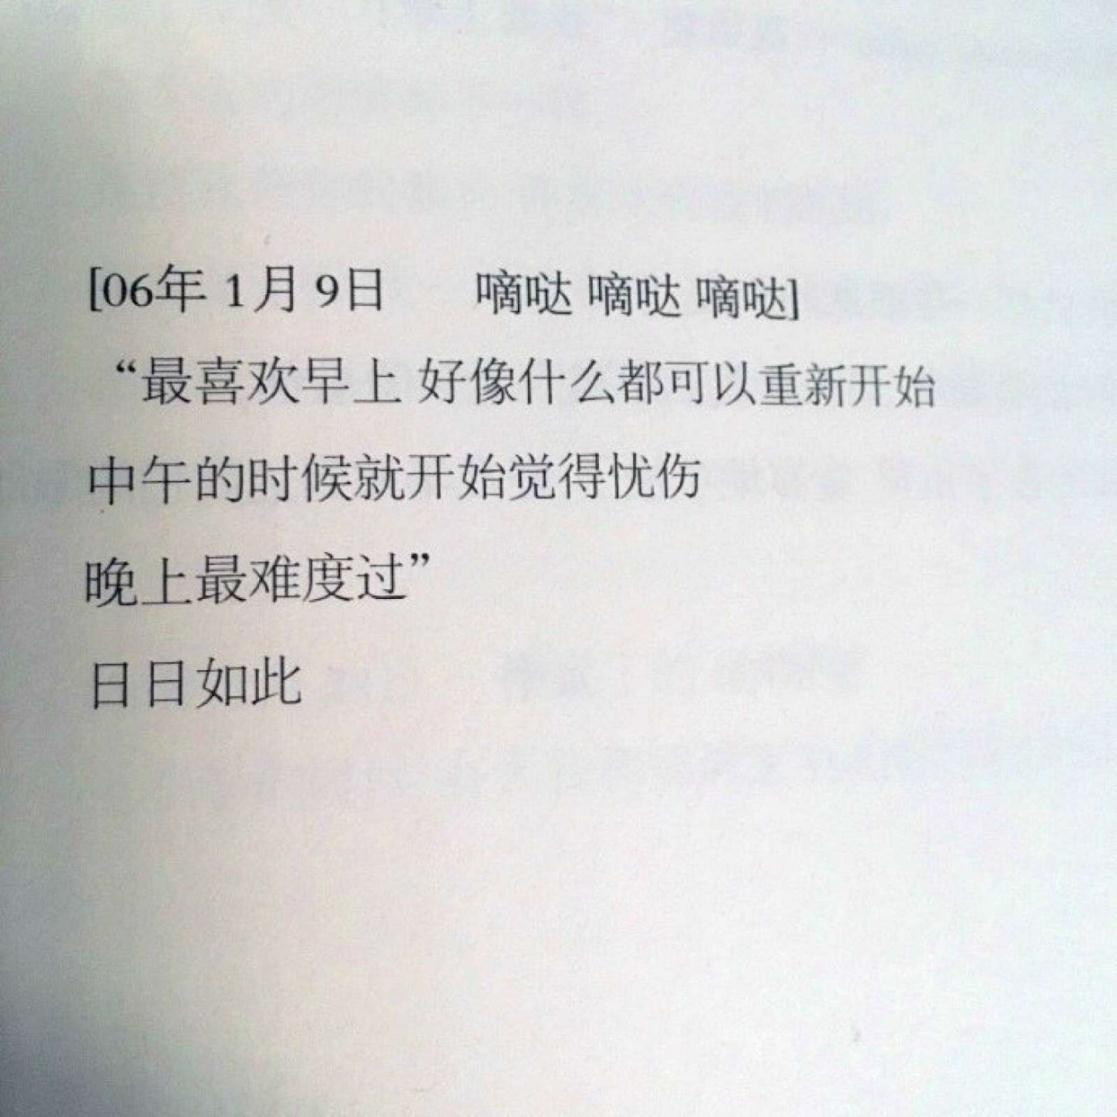 佛理禅语看破红尘 第一张